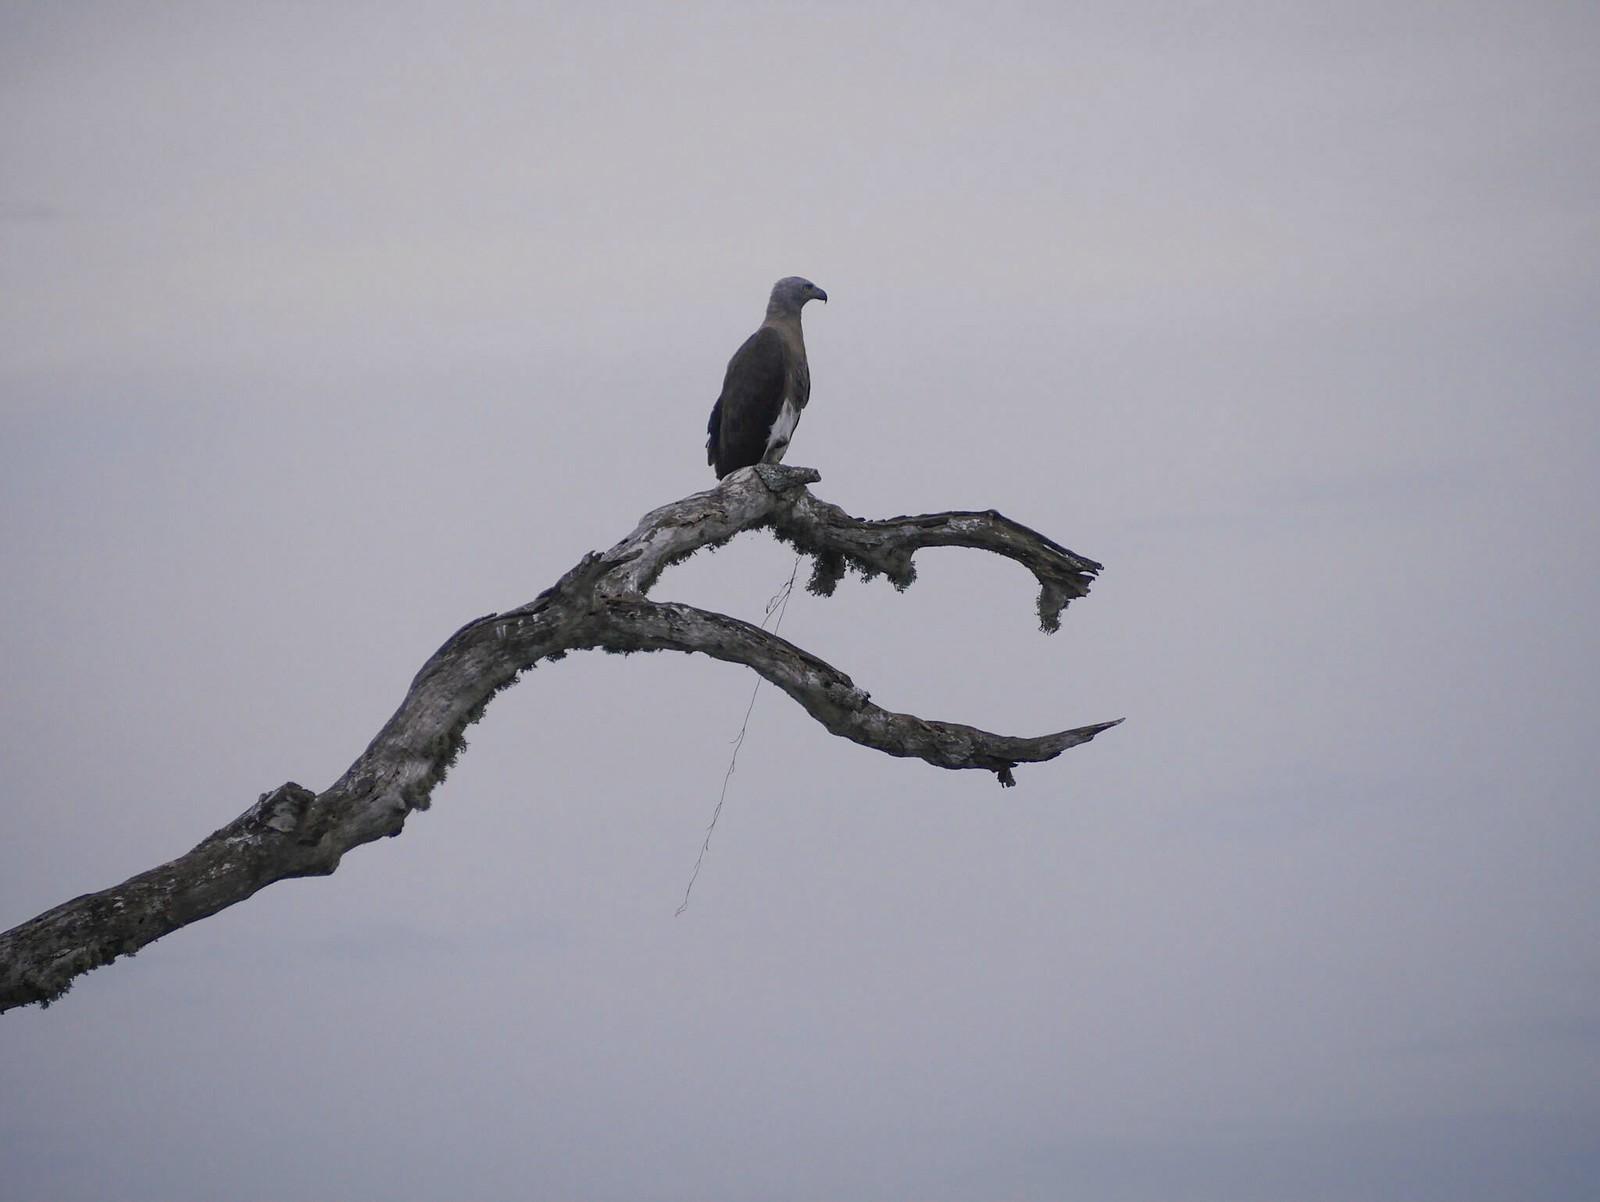 Eagle (Bundala National Park, Sri Lanka)